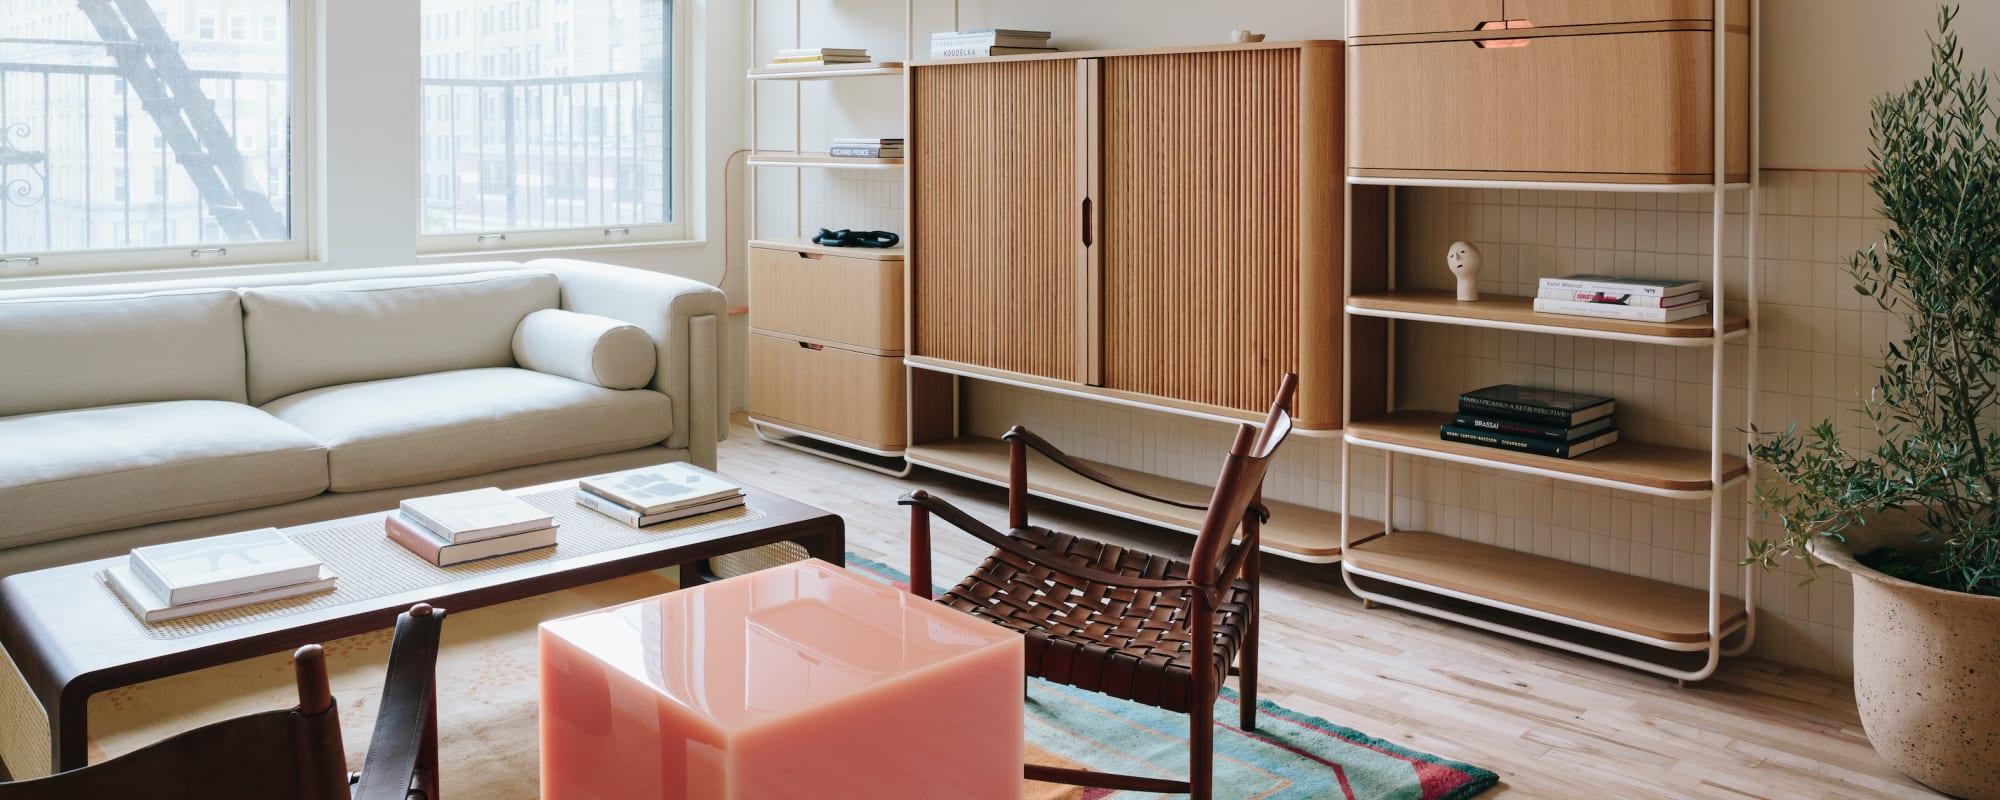 Blick ins Wohnzimmer mit hellem Sofa und einem Rosa Würfel aus Kunstharz